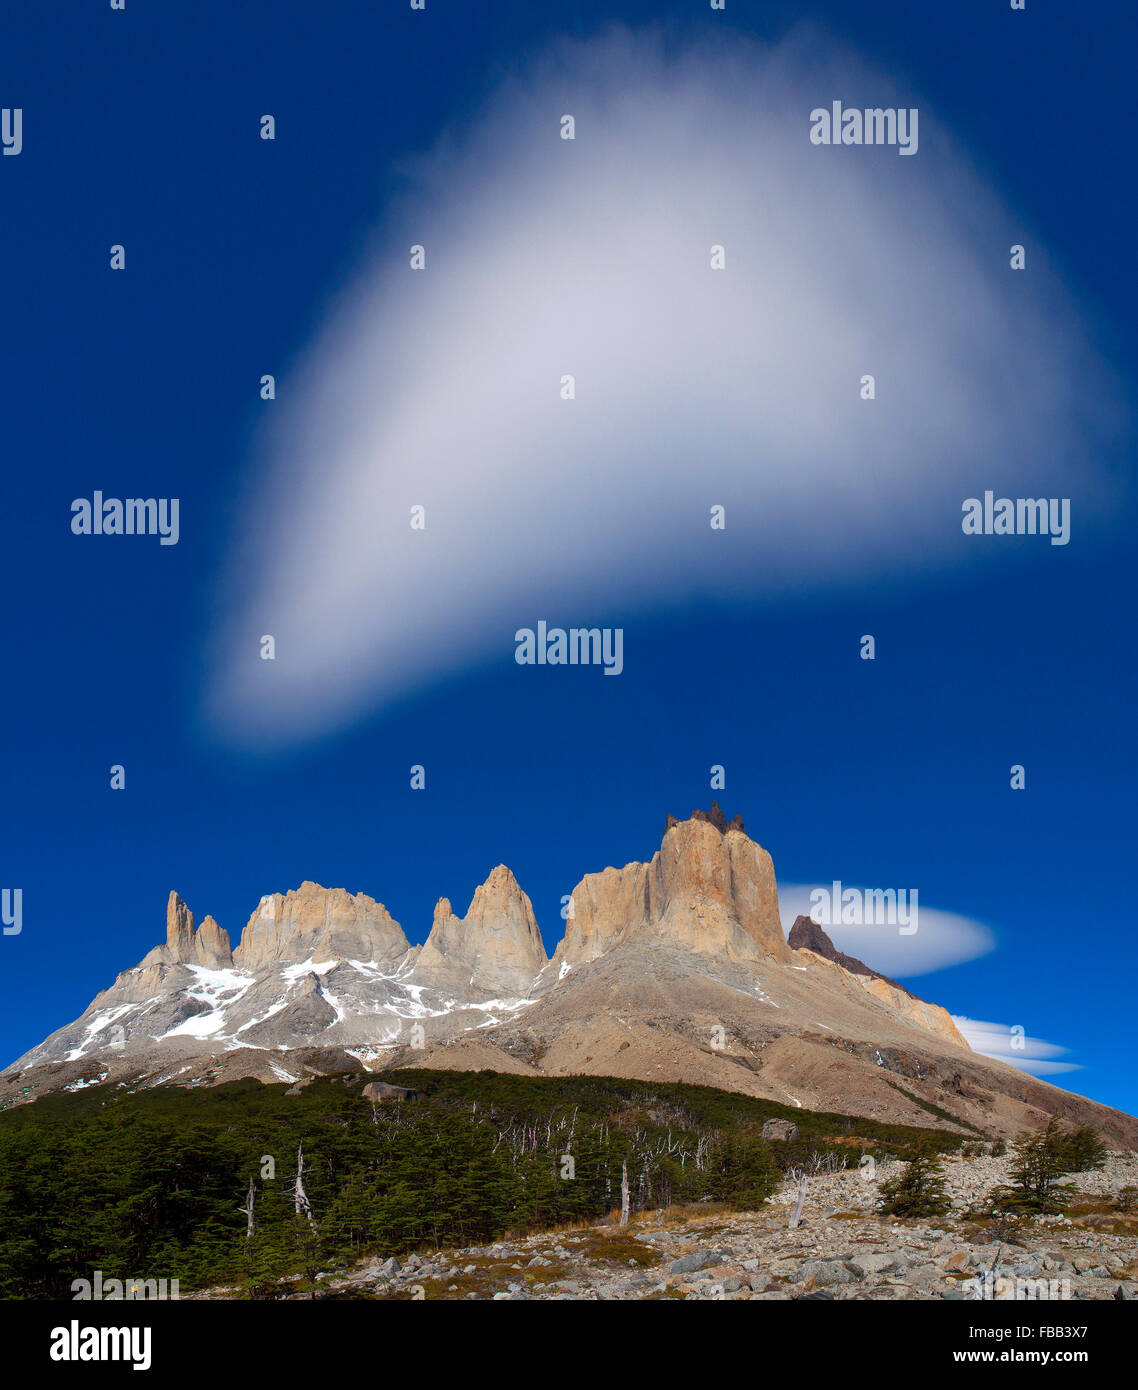 Paine massiv vom Kopf des Französisch-Tal, Torres Del Paine, Patagonien Stockbild